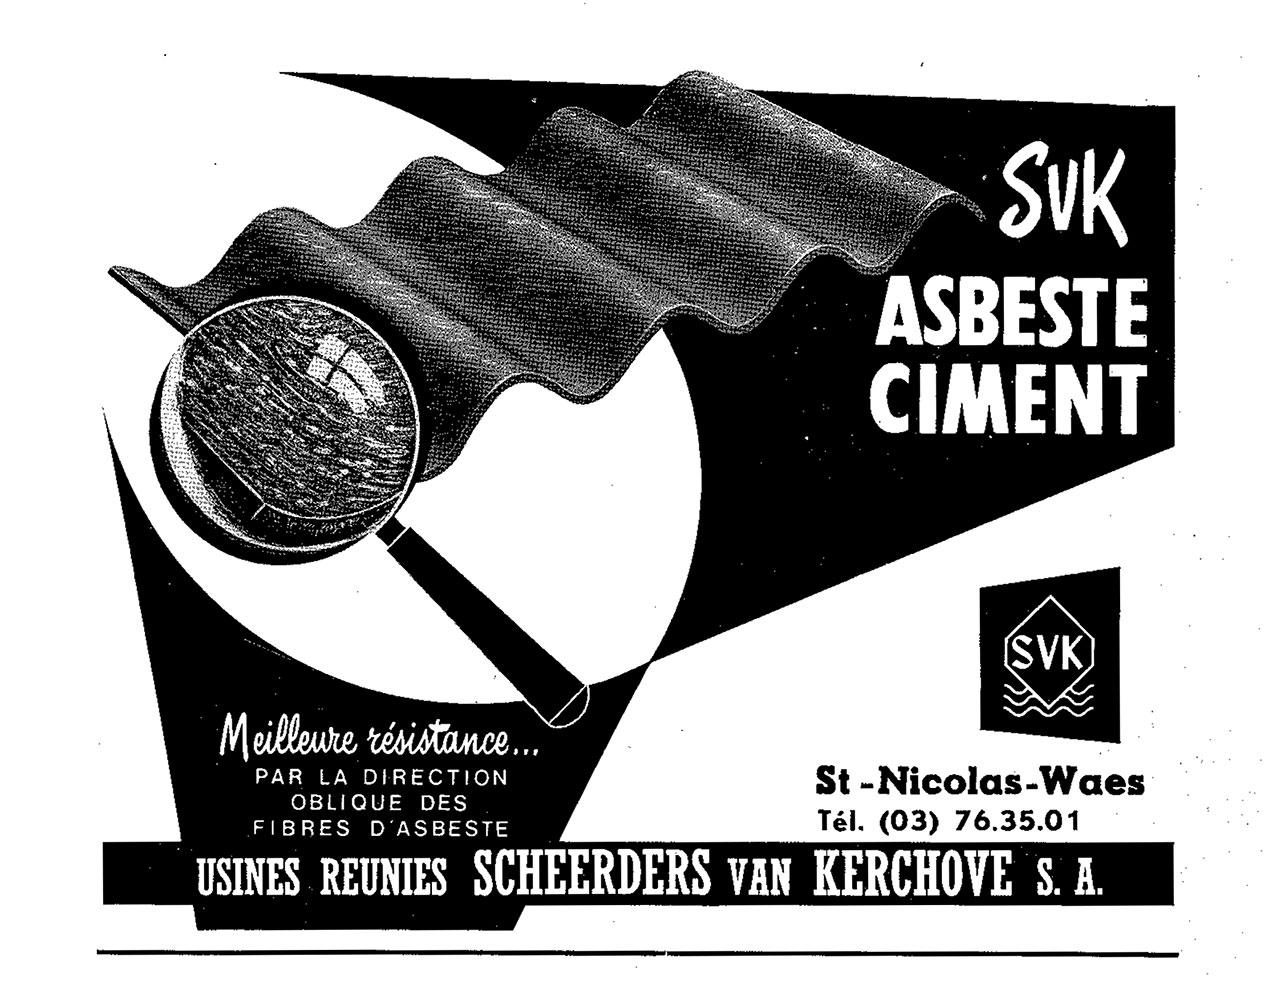 Asbeste Ciment